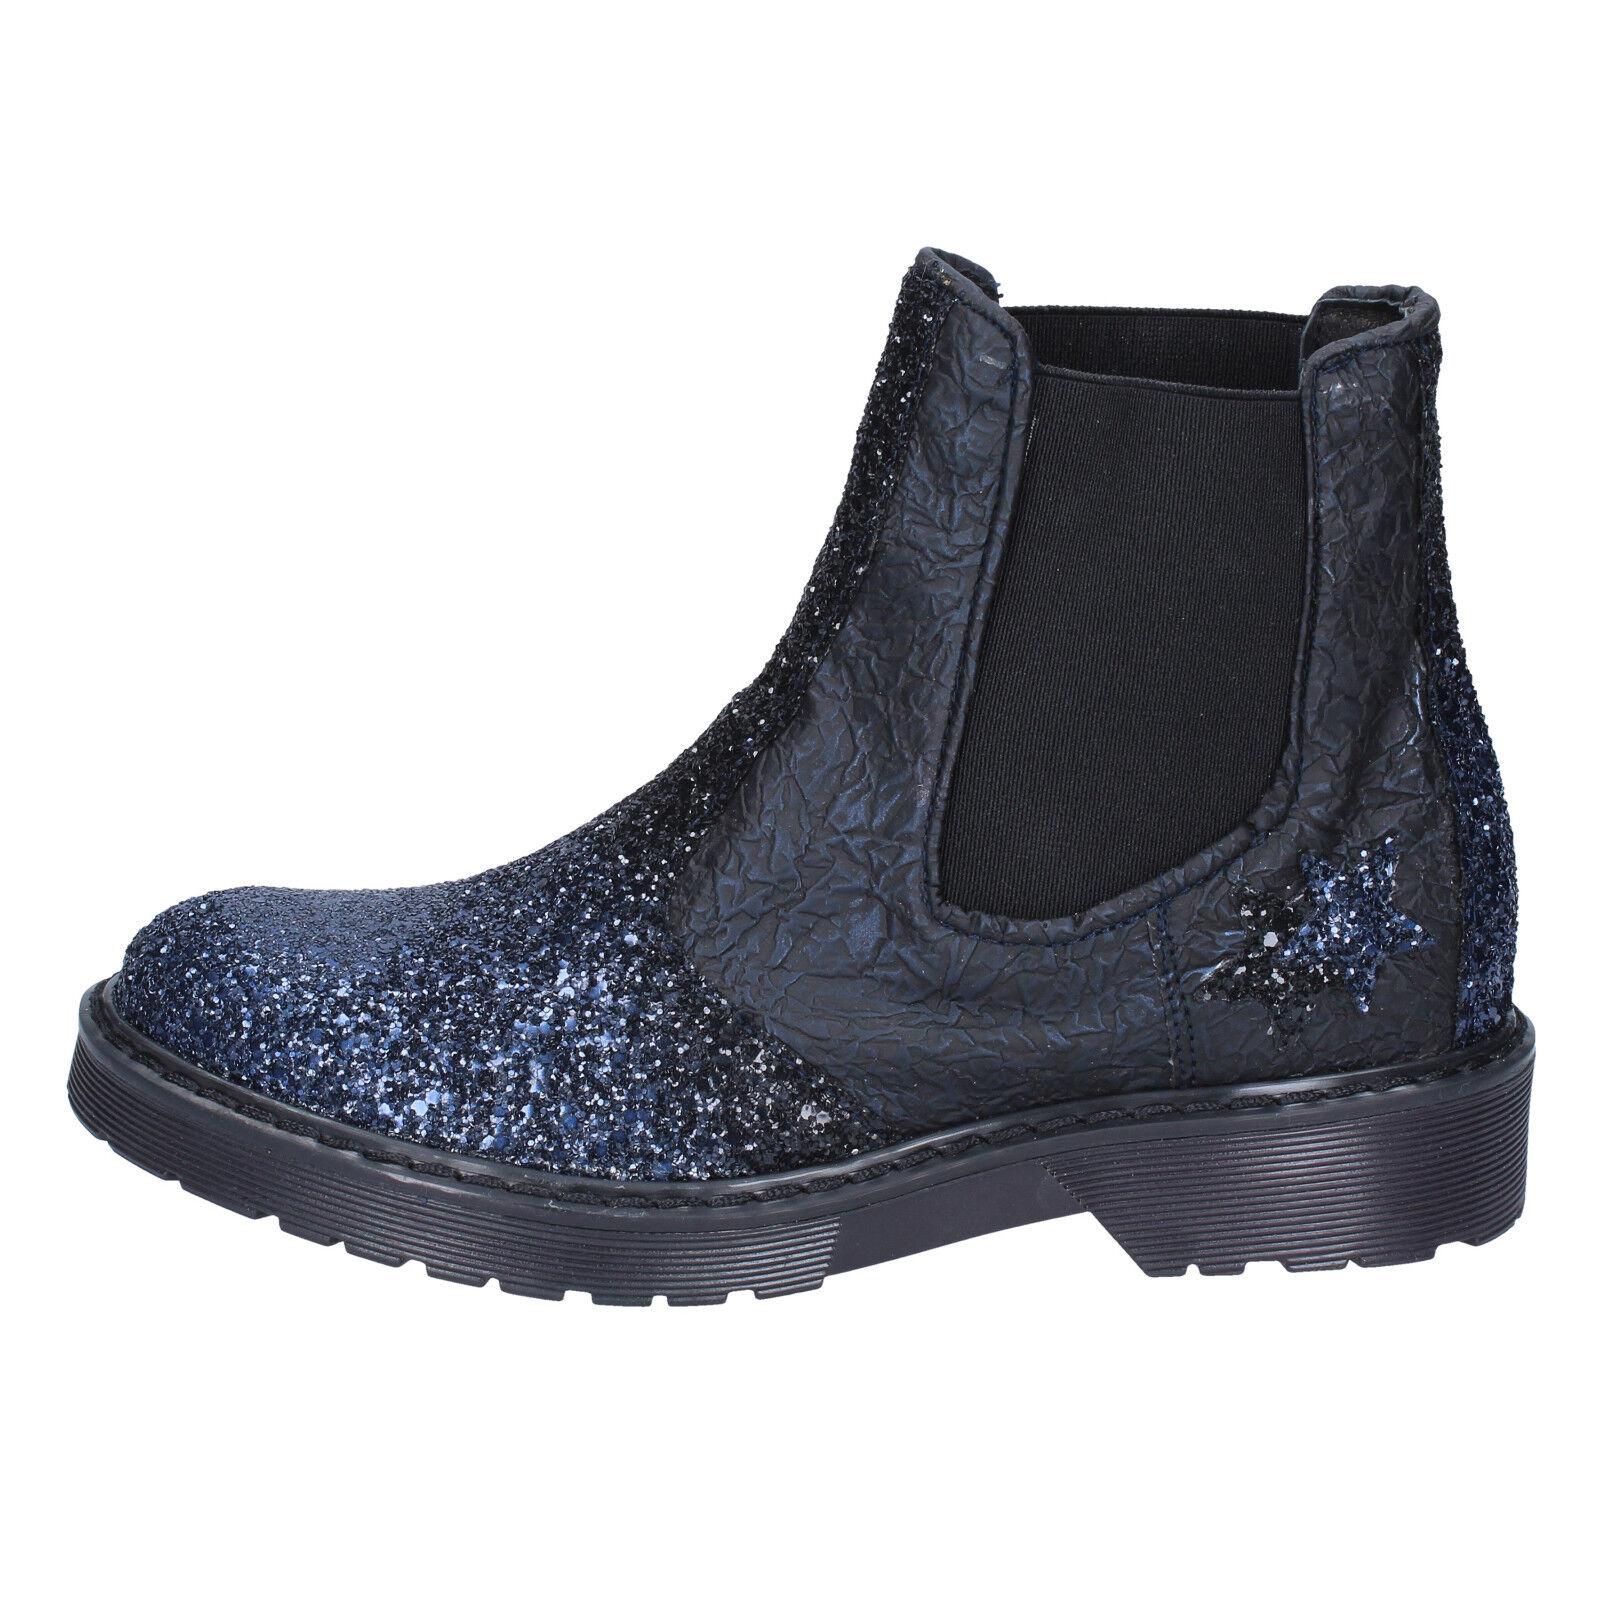 Zapatos para mujer 2 estrellas 3 () botas al Tobillo Brillo Cuero Negro Azul BX375-36